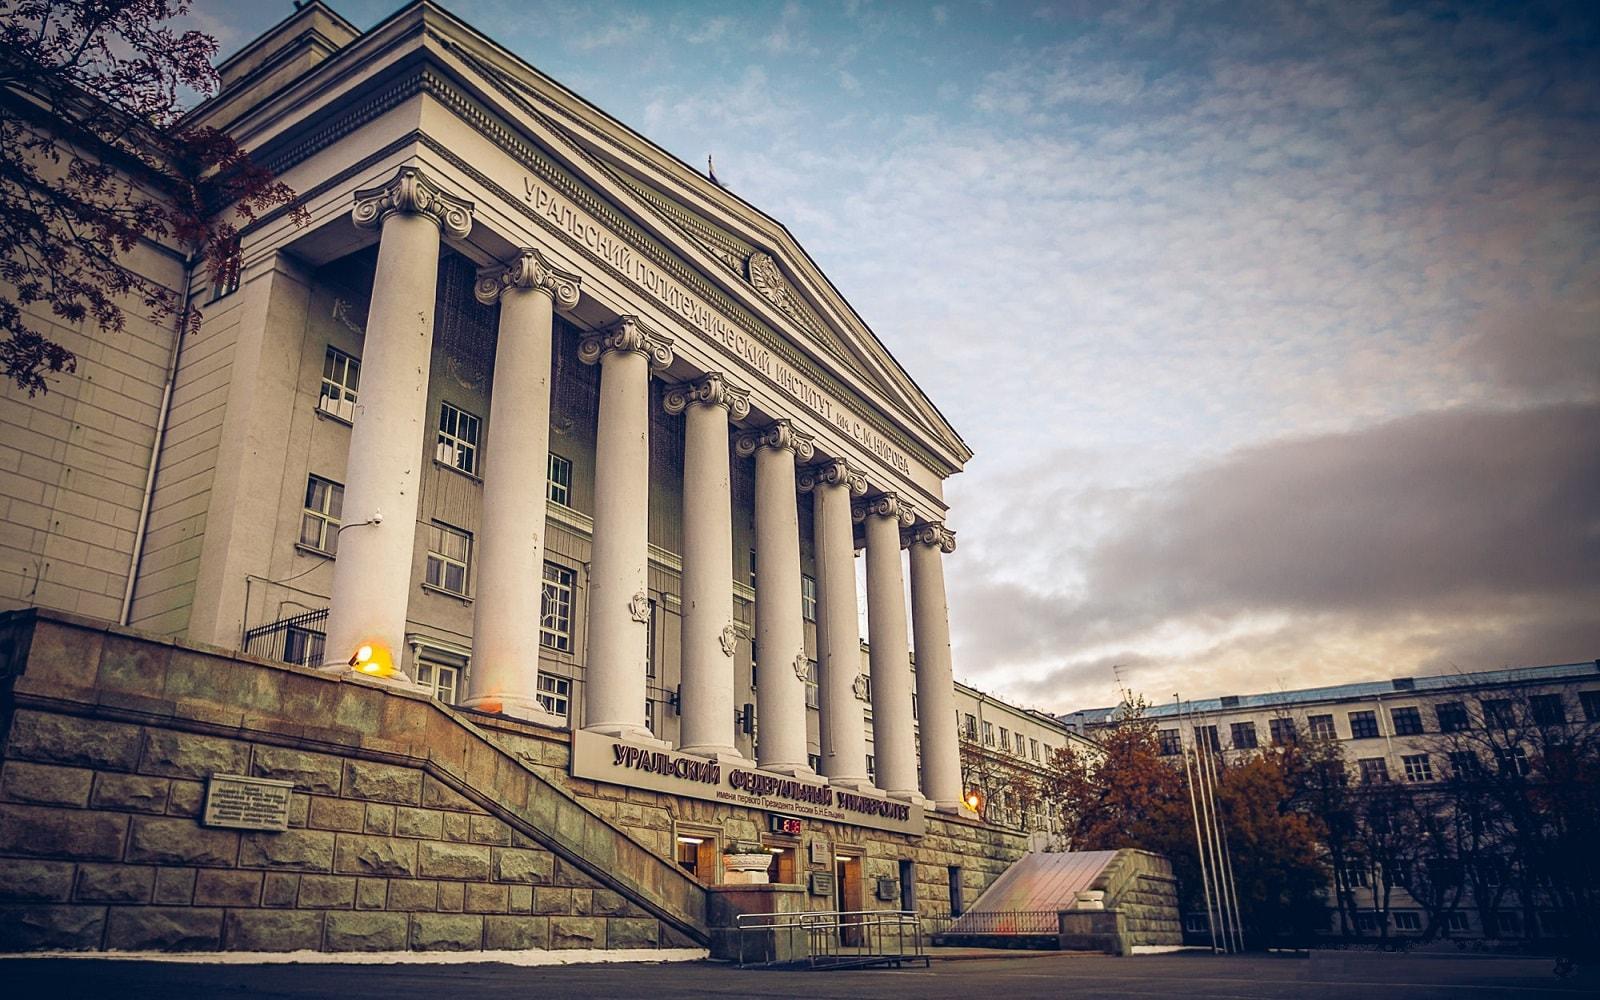 俄罗斯留学性价比最高的大学|俄罗斯留学|俄罗斯大学|俄罗斯名校